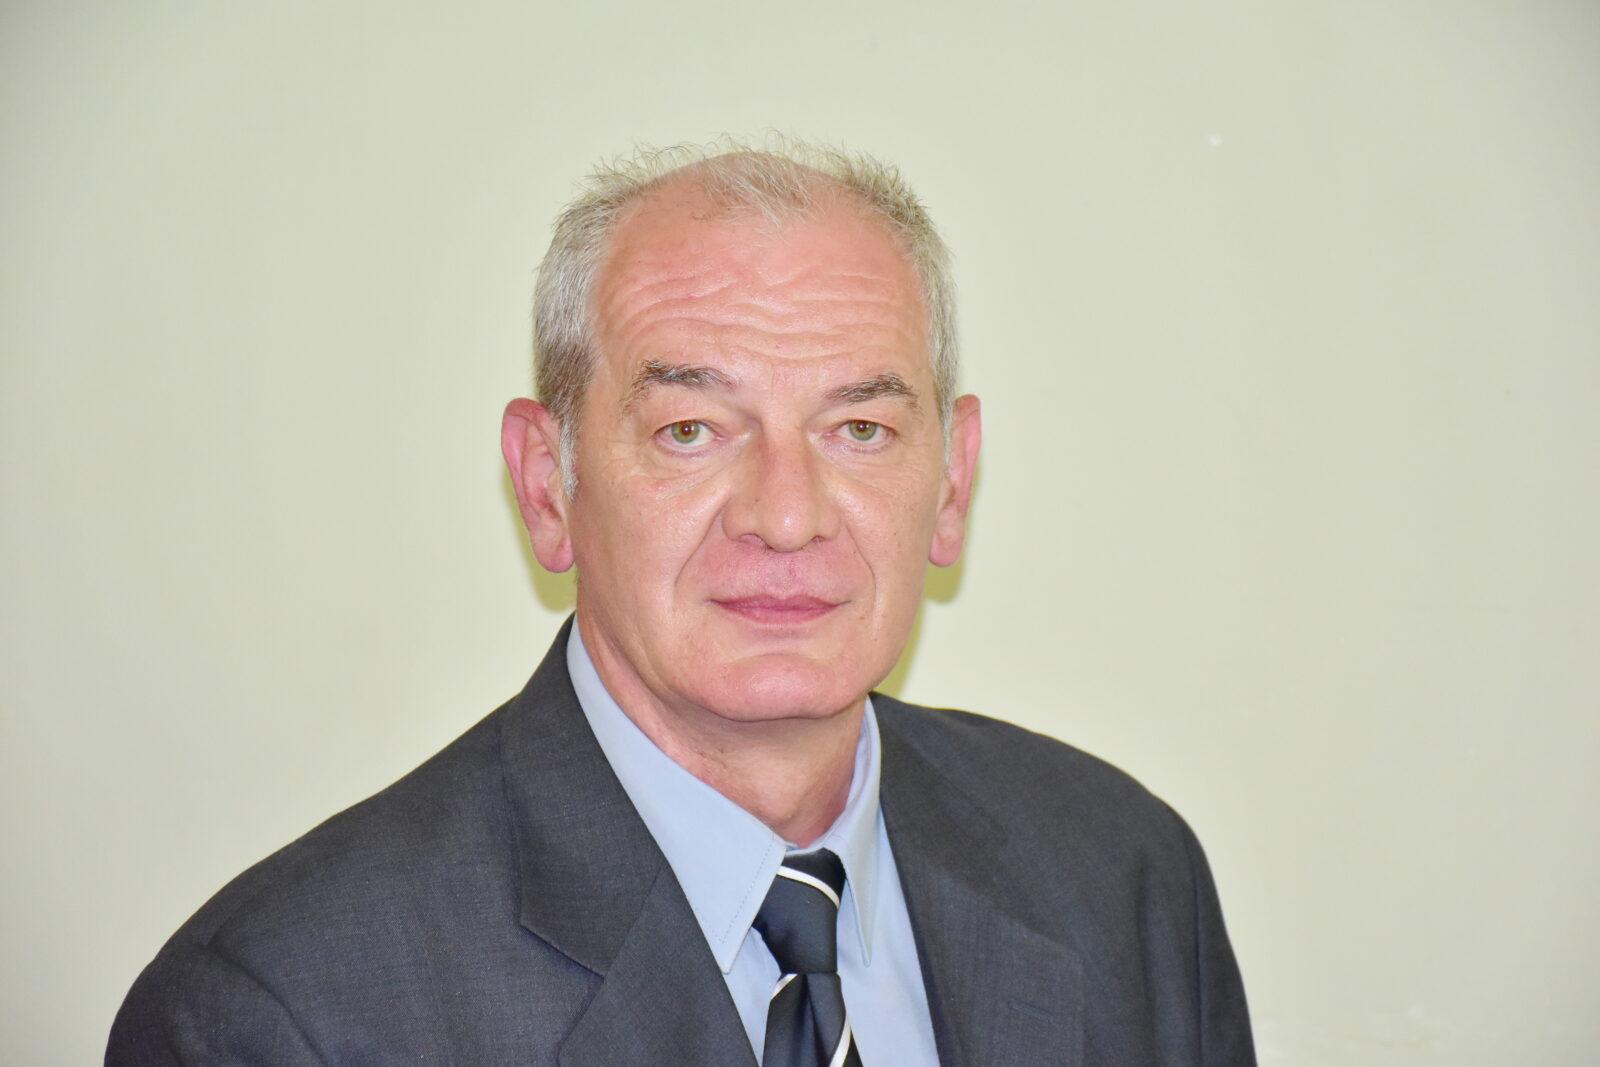 ĐORĐE KLAĆ, DIREKTOR TEHNIČKE ŠKOLE O PREDSTOJEĆEM UPISU